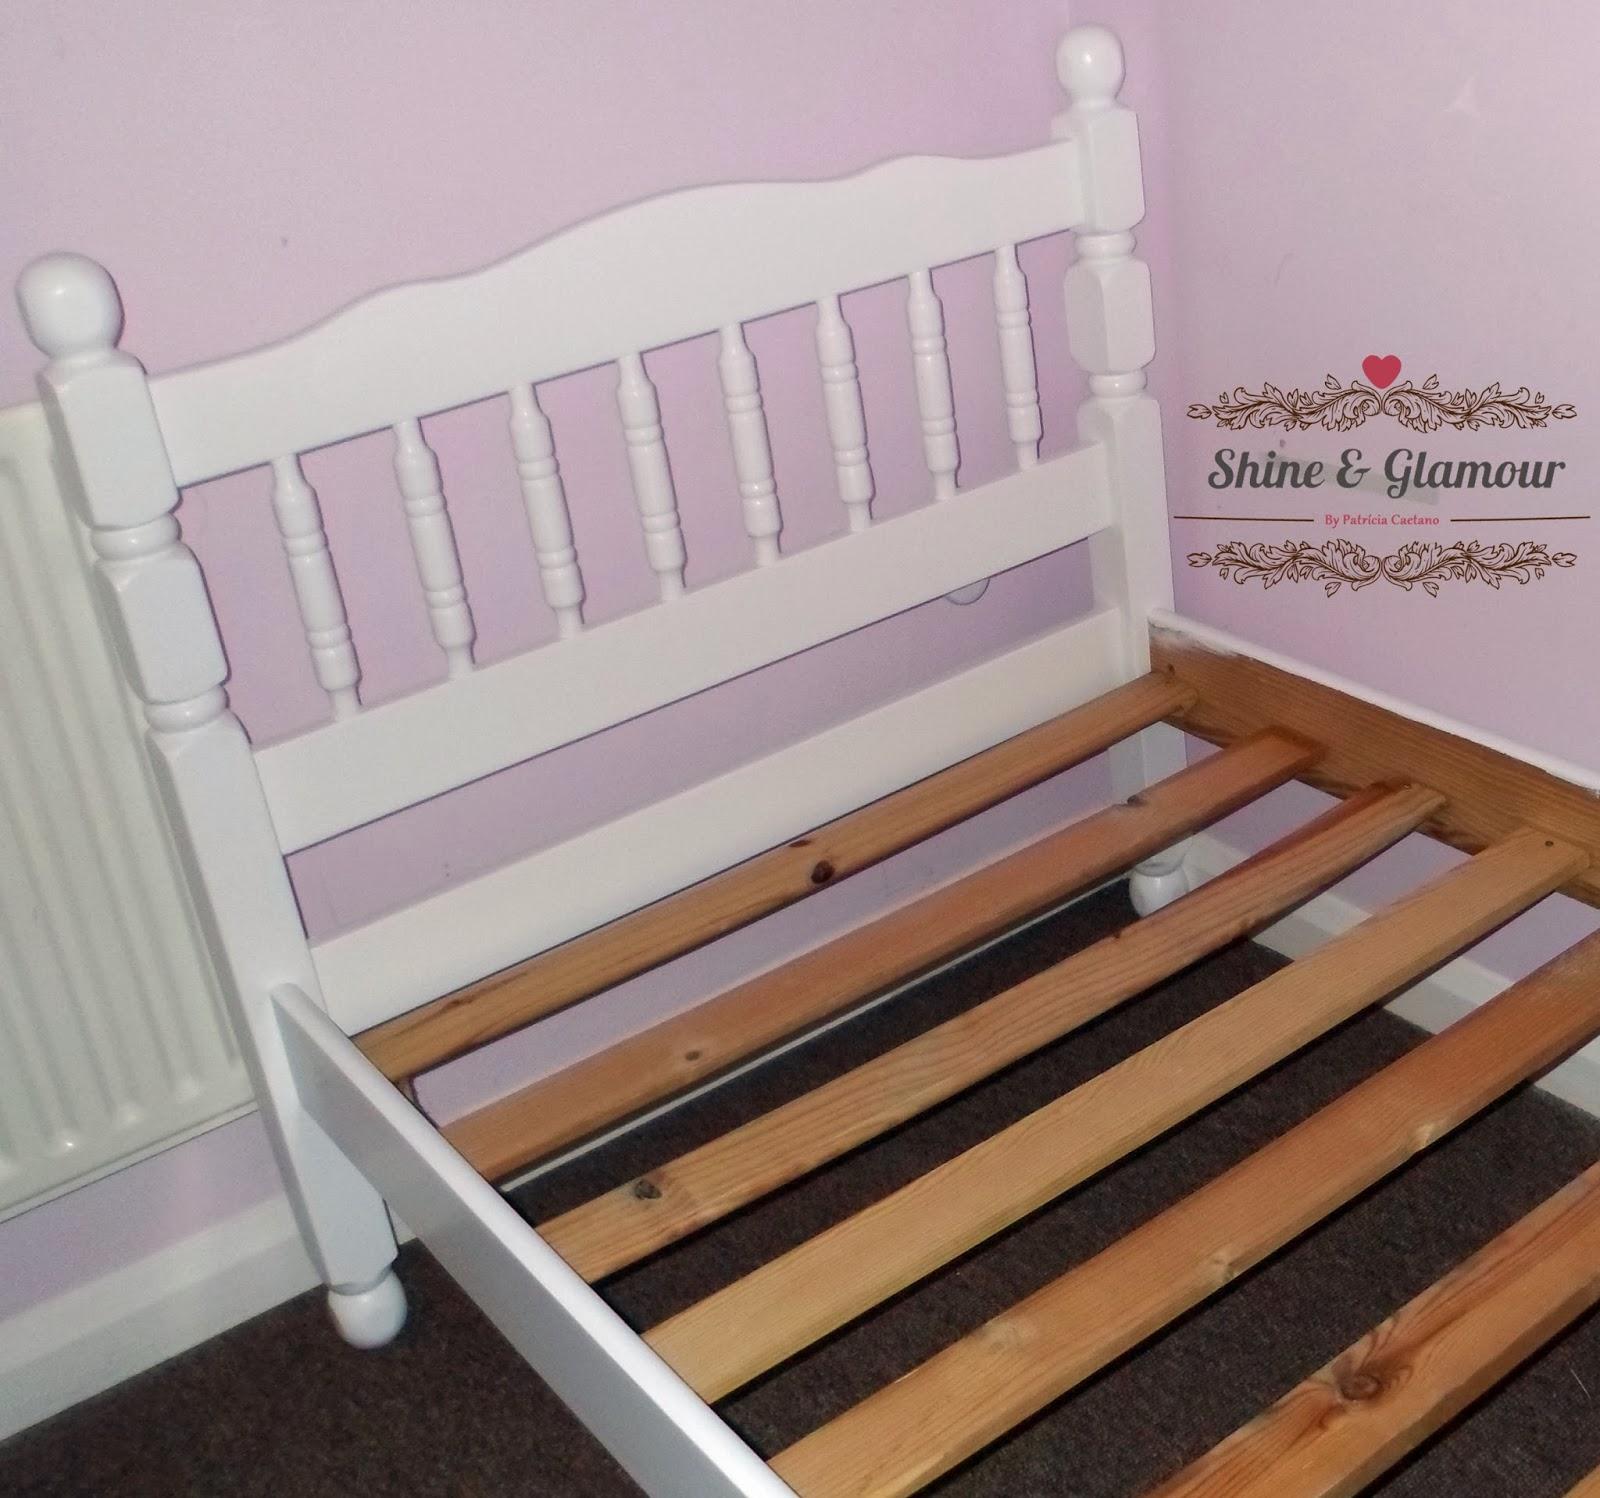 DIY Reforma de uma cama de madeira Shine & Glamour #75472C 1600x1498